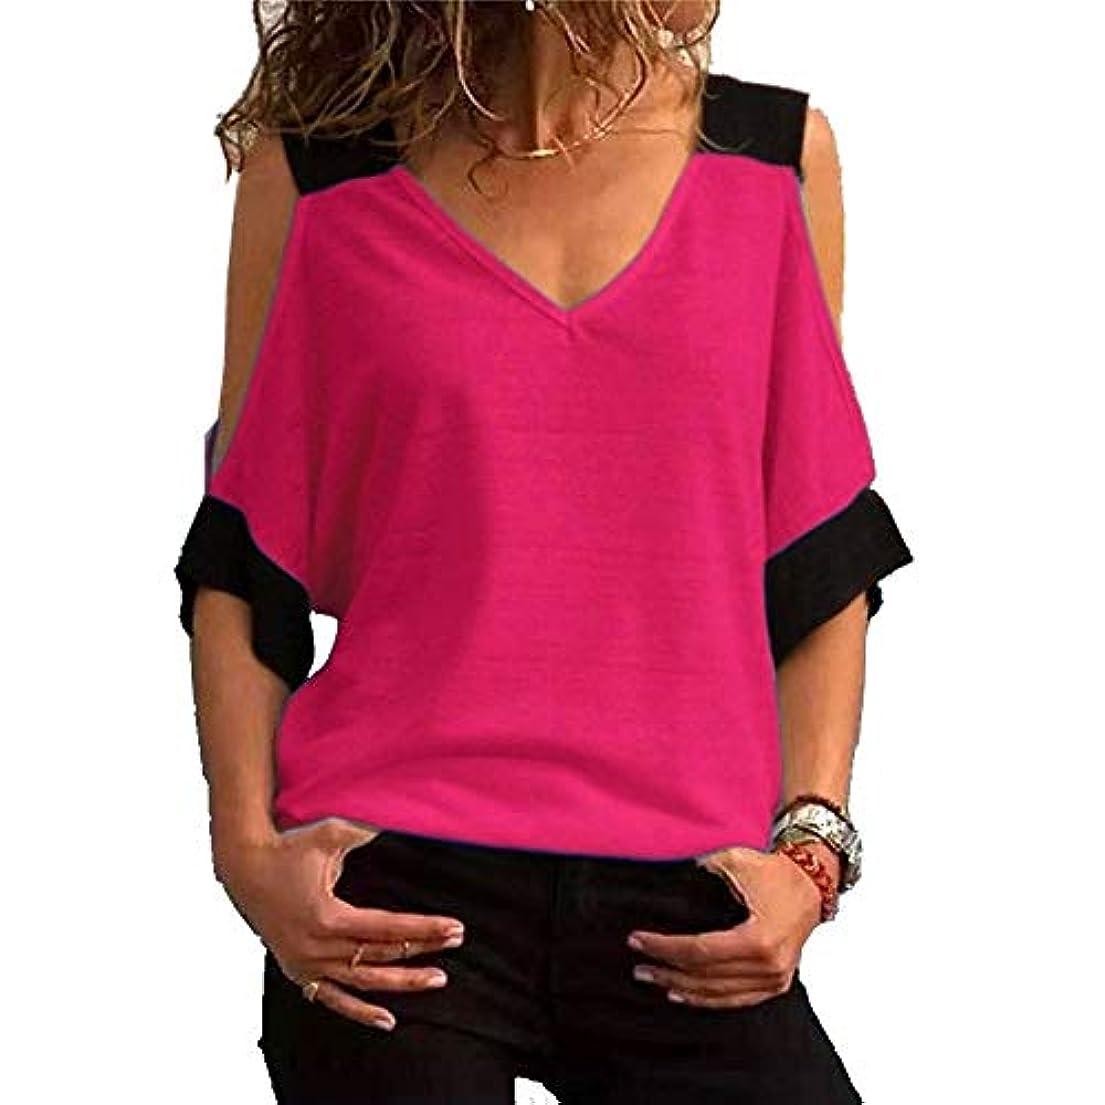 論理的姉妹スペシャリストMIFAN女性ファッションカジュアルトップス女性ショルダーブラウスコットンTシャツディープVネック半袖